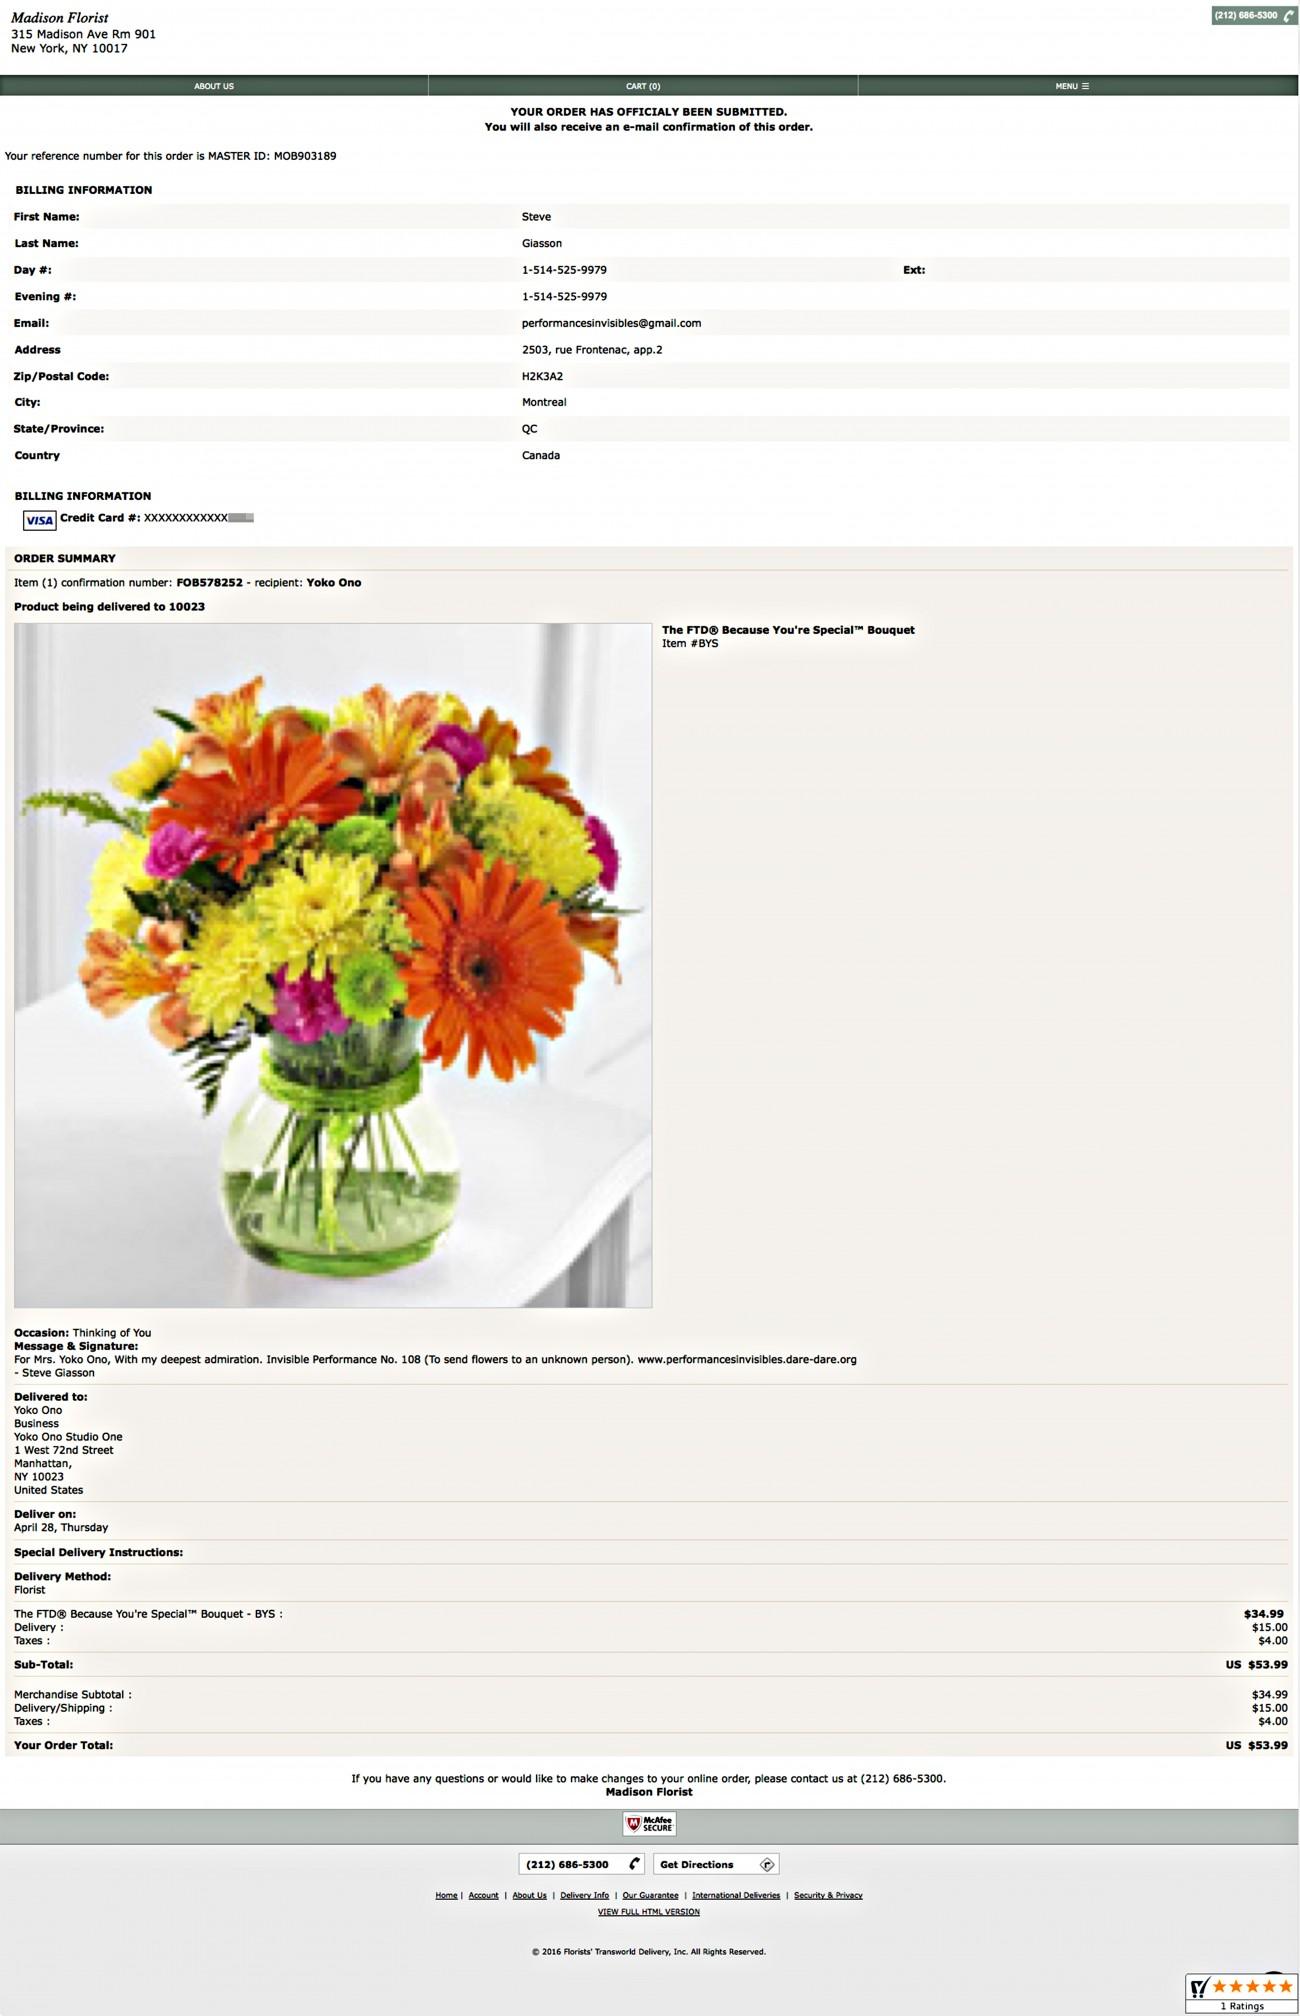 Steve Giasson. Performance invisible n° 108 (Envoyer des fleurs à une personne inconnue). D'après Alejandro Cesarco. Flowers. 2003. Performeur : Steve Giasson. Crédit photographique : Steve Giasson. 28 avril 2016.